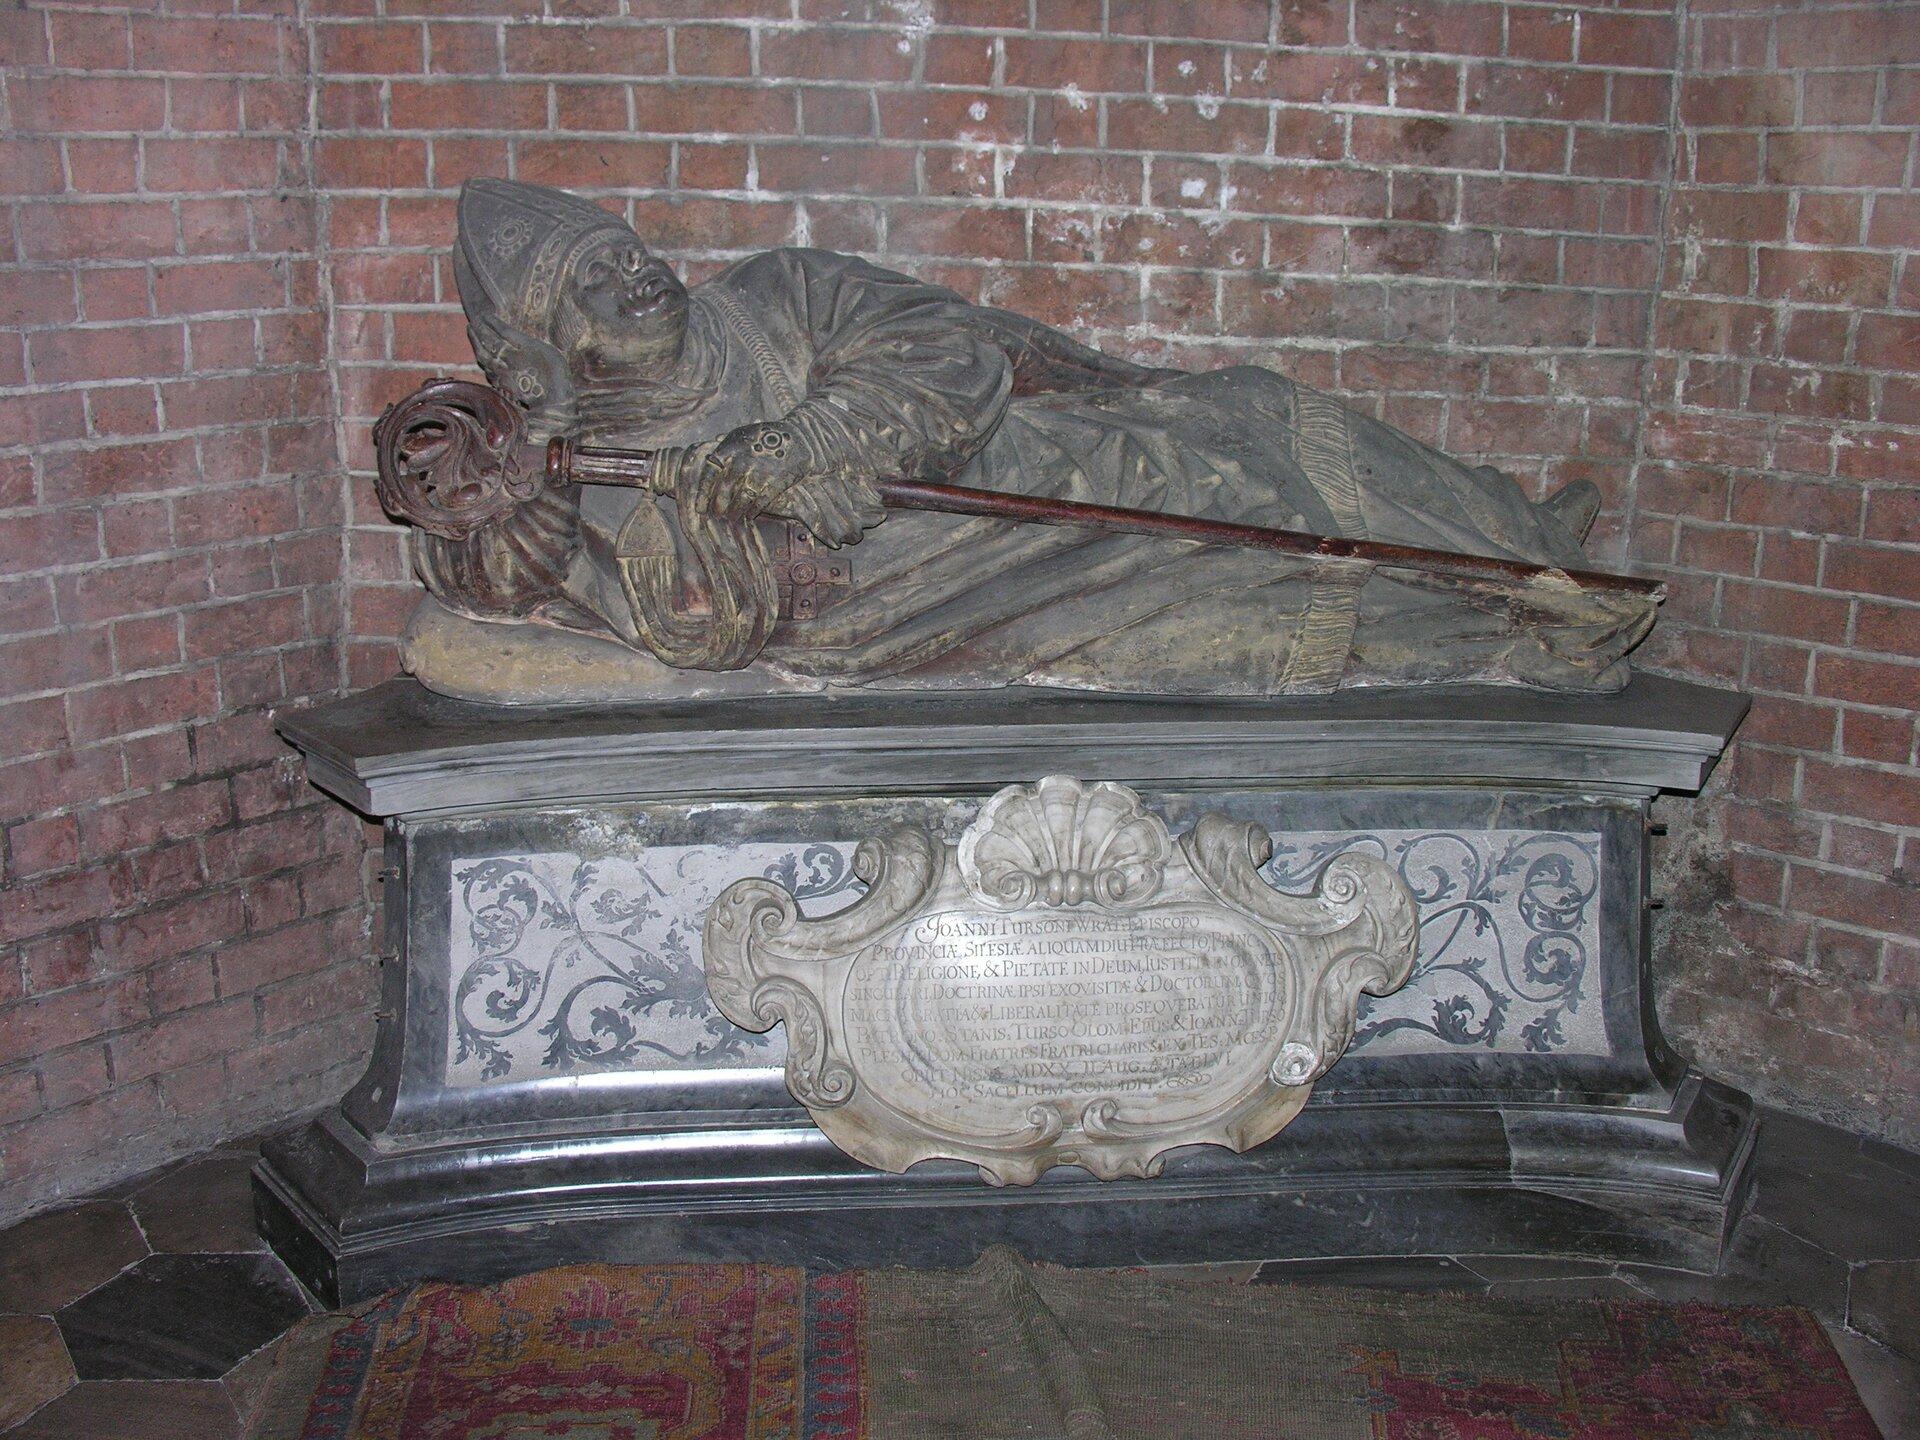 Nagrobek biskupa wrocławskiego Jana Turzo (1464-1520).JanThurzo był wielkim miłośnikiem sztuki inauki, mecenasem artystów (kupował obrazym.in.Dürera iLucasa Cranacha). Zjego inicjatywy w1517 r. wzniesiono nowy portal wkatedrze, stanowiący pierwsze renesansowe dzieło na Śląsku. Prezentowany pomnik biskupa Jana Thurzo stanowi jedynie fragment dawnego renesansowego nagrobka. Nagrobek biskupa wrocławskiego Jana Turzo (1464-1520).JanThurzo był wielkim miłośnikiem sztuki inauki, mecenasem artystów (kupował obrazym.in.Dürera iLucasa Cranacha). Zjego inicjatywy w1517 r. wzniesiono nowy portal wkatedrze, stanowiący pierwsze renesansowe dzieło na Śląsku. Prezentowany pomnik biskupa Jana Thurzo stanowi jedynie fragment dawnego renesansowego nagrobka. Źródło: Wikimedia Commons, licencja: CC BY-SA 3.0.